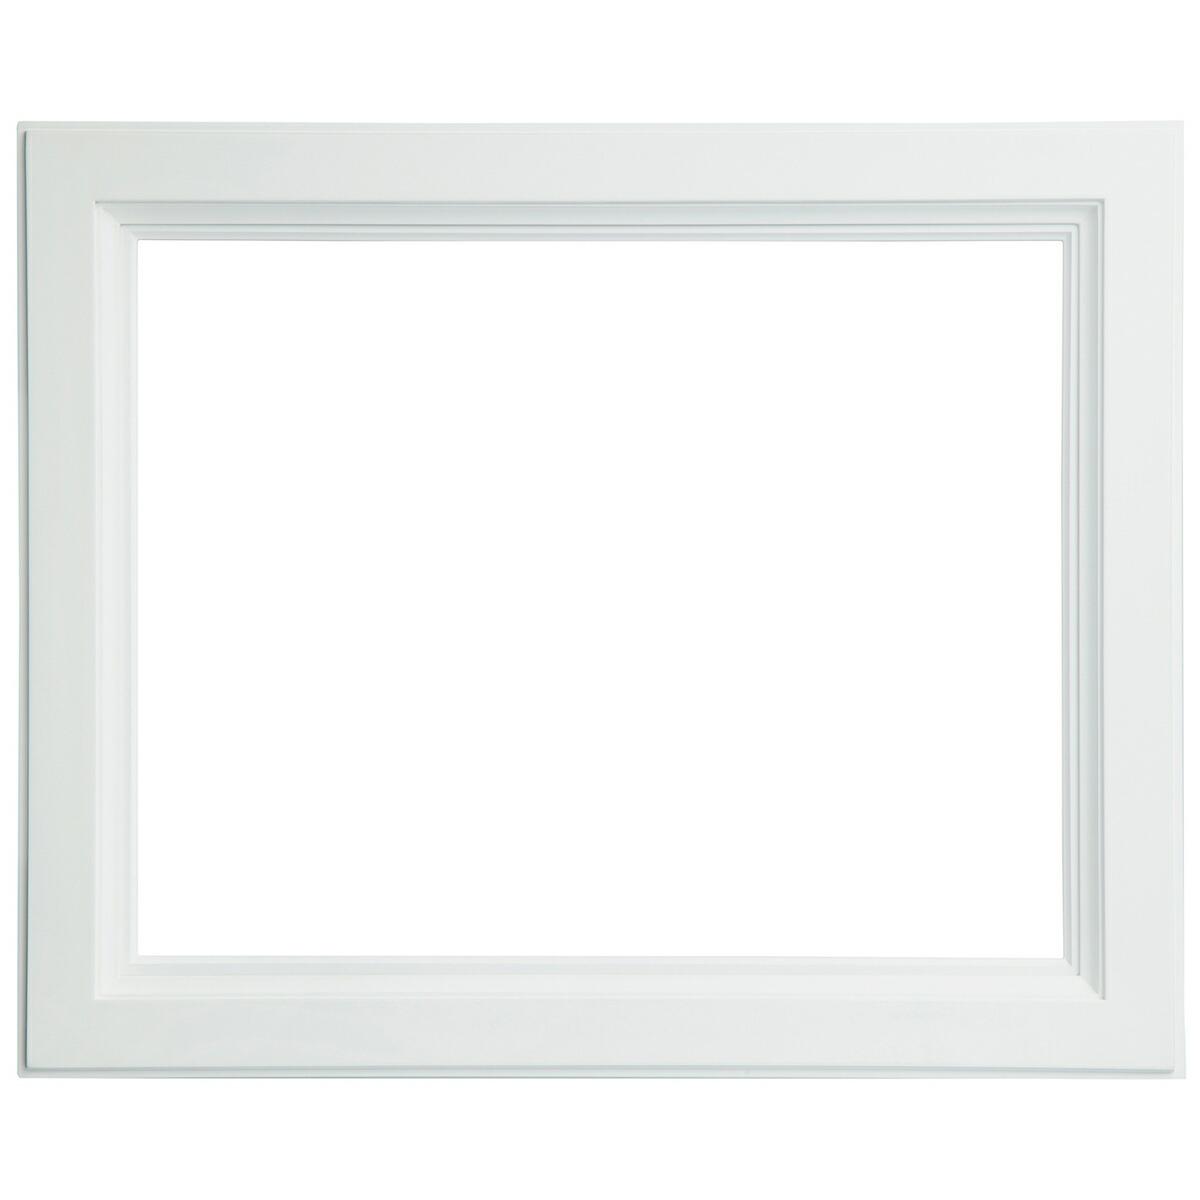 ラーソン・ジュール 油絵用額縁 A260 F6 ホワイト